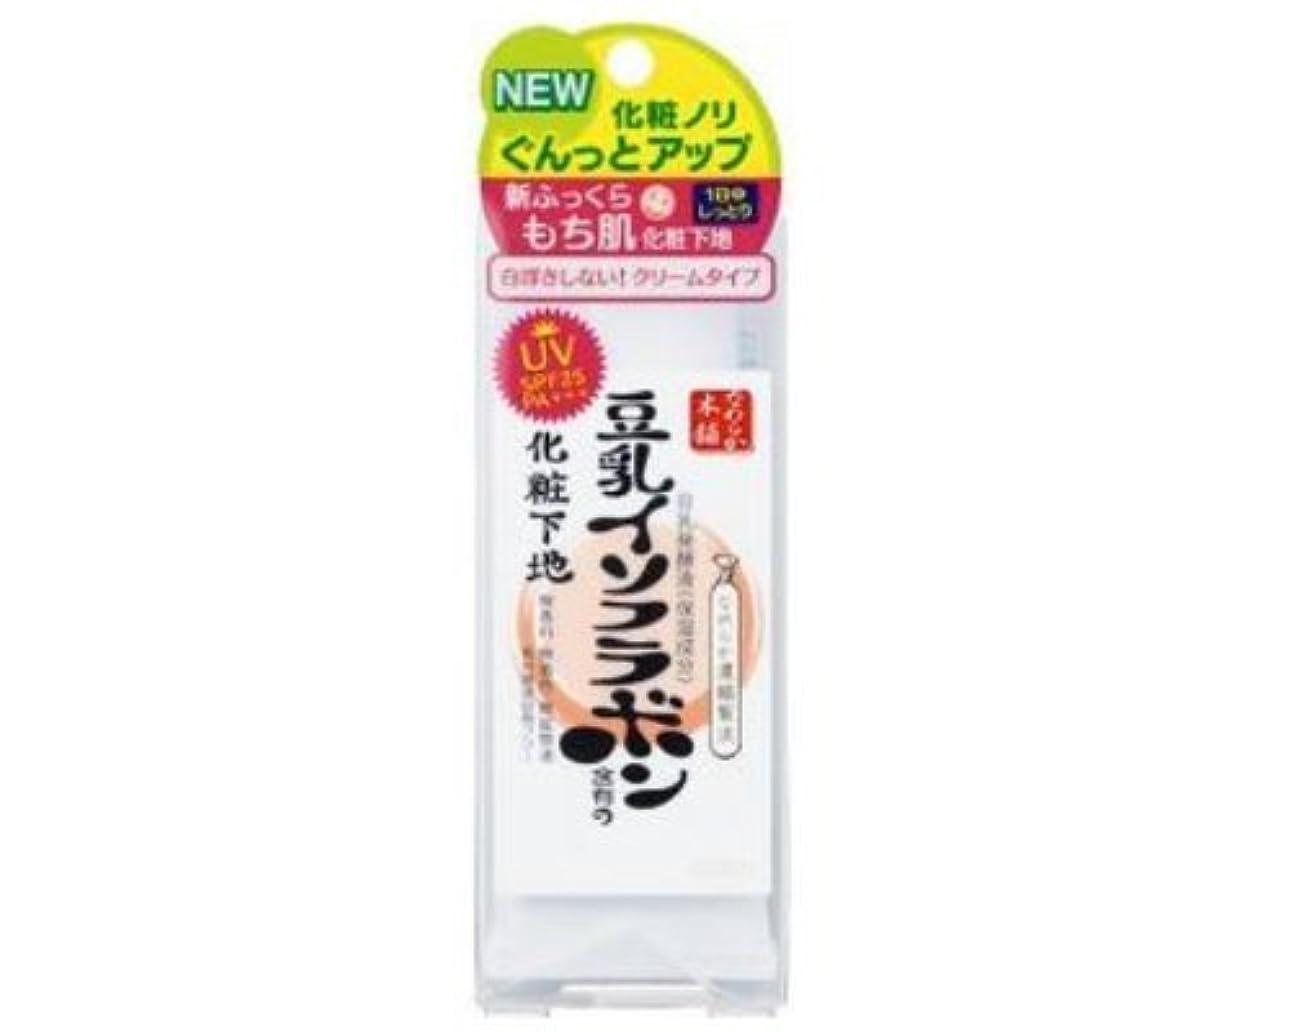 メインつかまえる記事常盤薬品工業 サナ なめらか本舗 豆乳イソフラボン含有のUV化粧下地N 40g×72点セット (4964596457333)